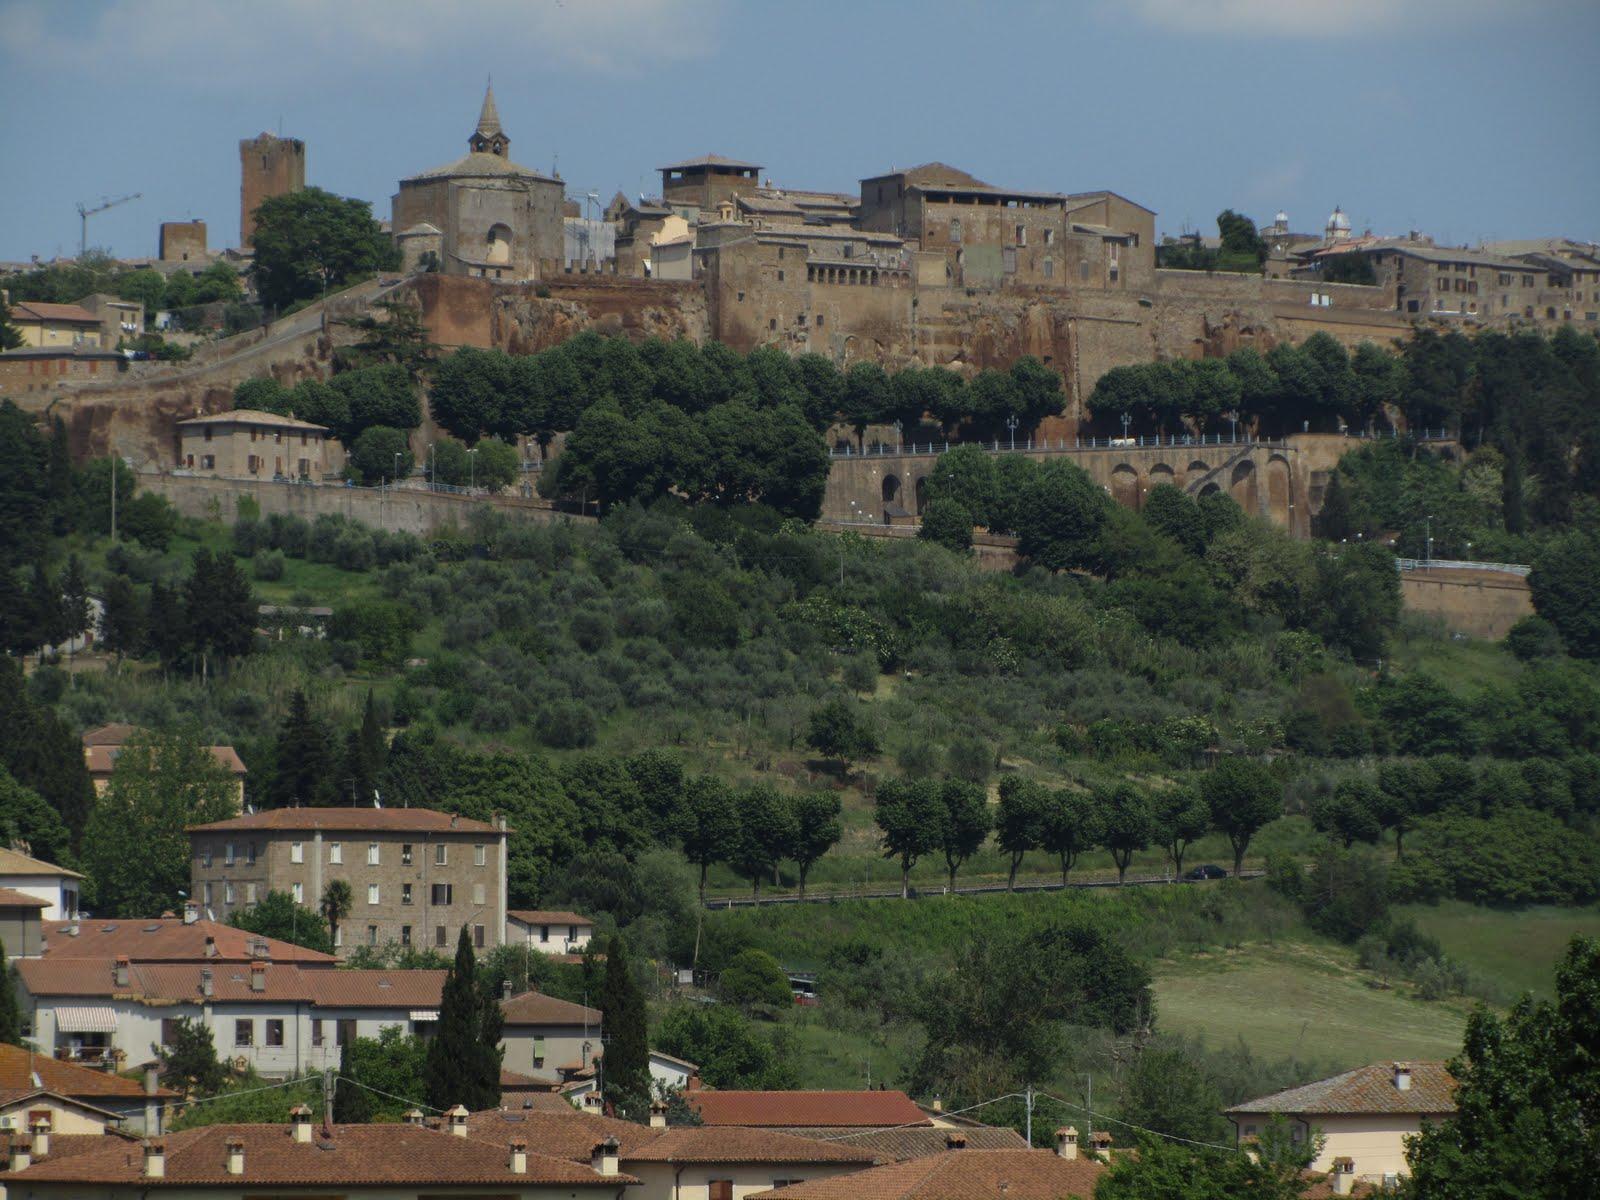 orvieto city in italy - photo #46